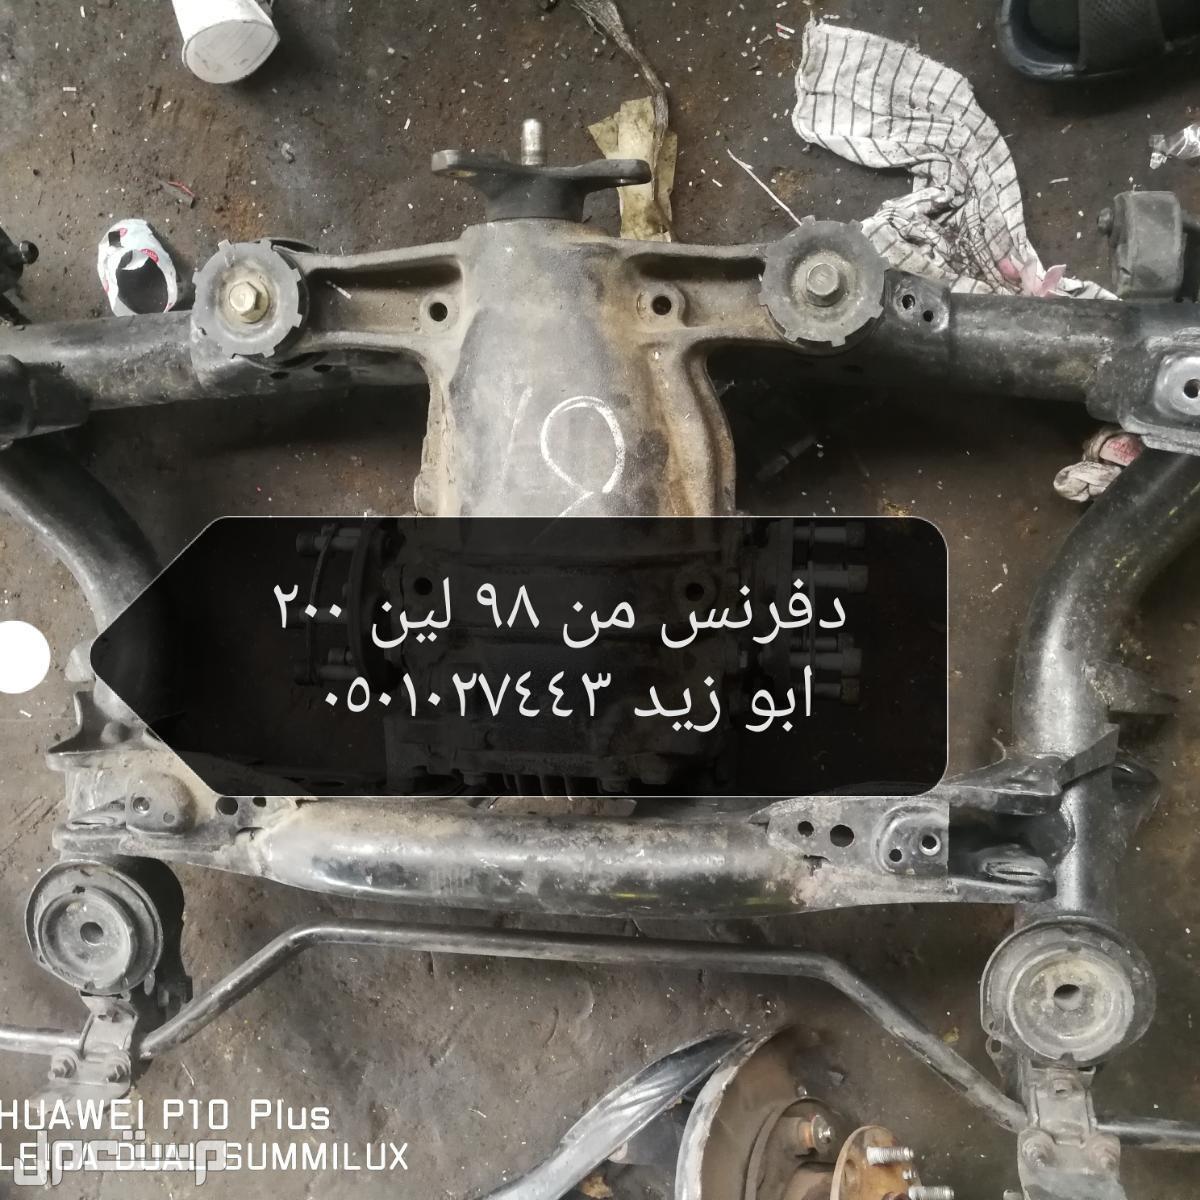 قطع غيار لكزس ال اس 400 و ال اس 430 اصلي مستعمل